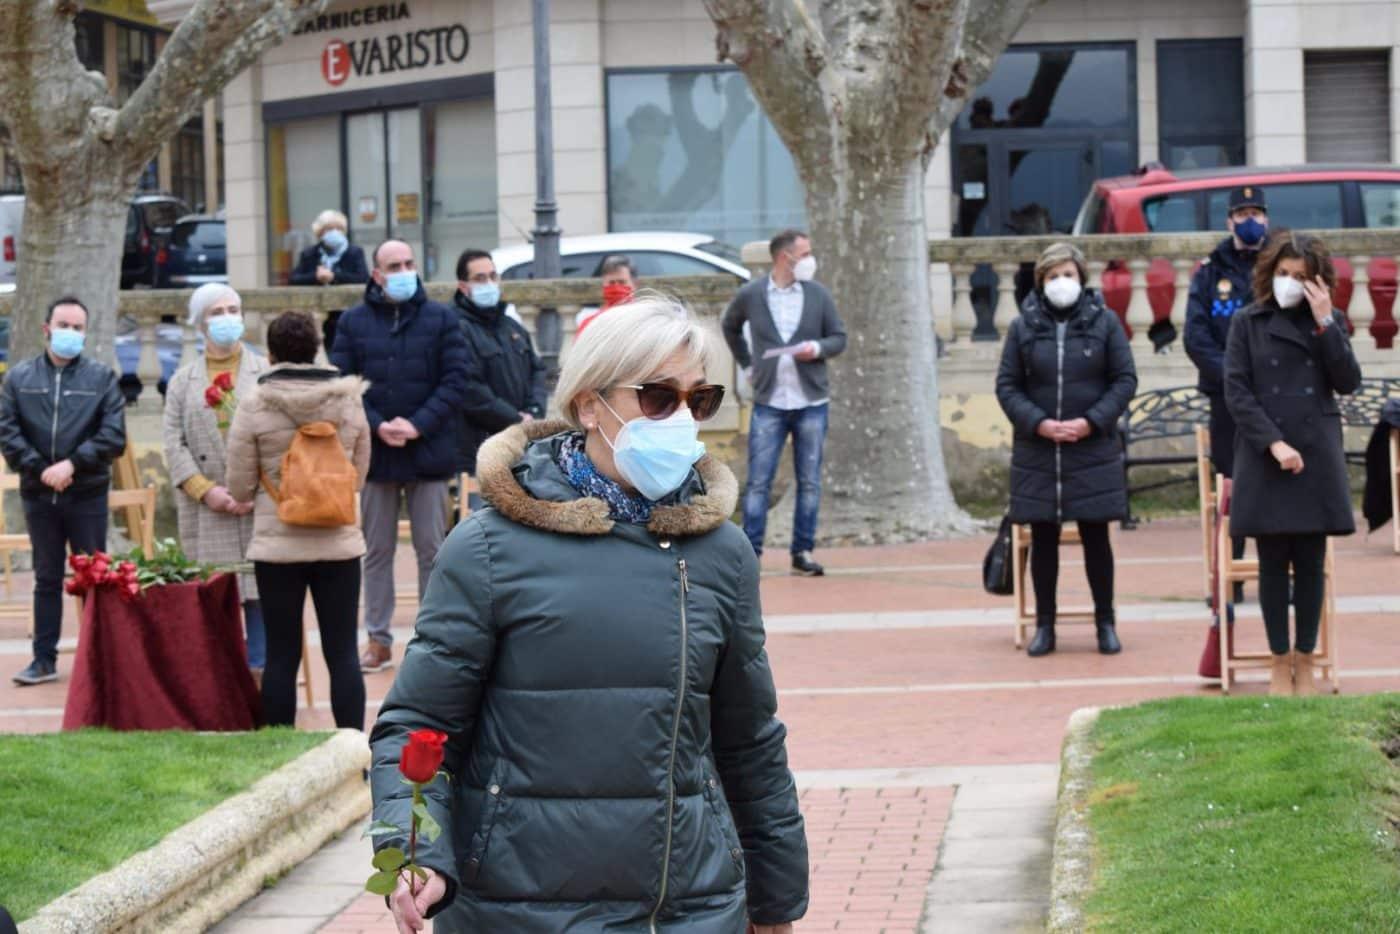 Haro vuelve a recordar a las víctimas y héroes de la pandemia un año después 2